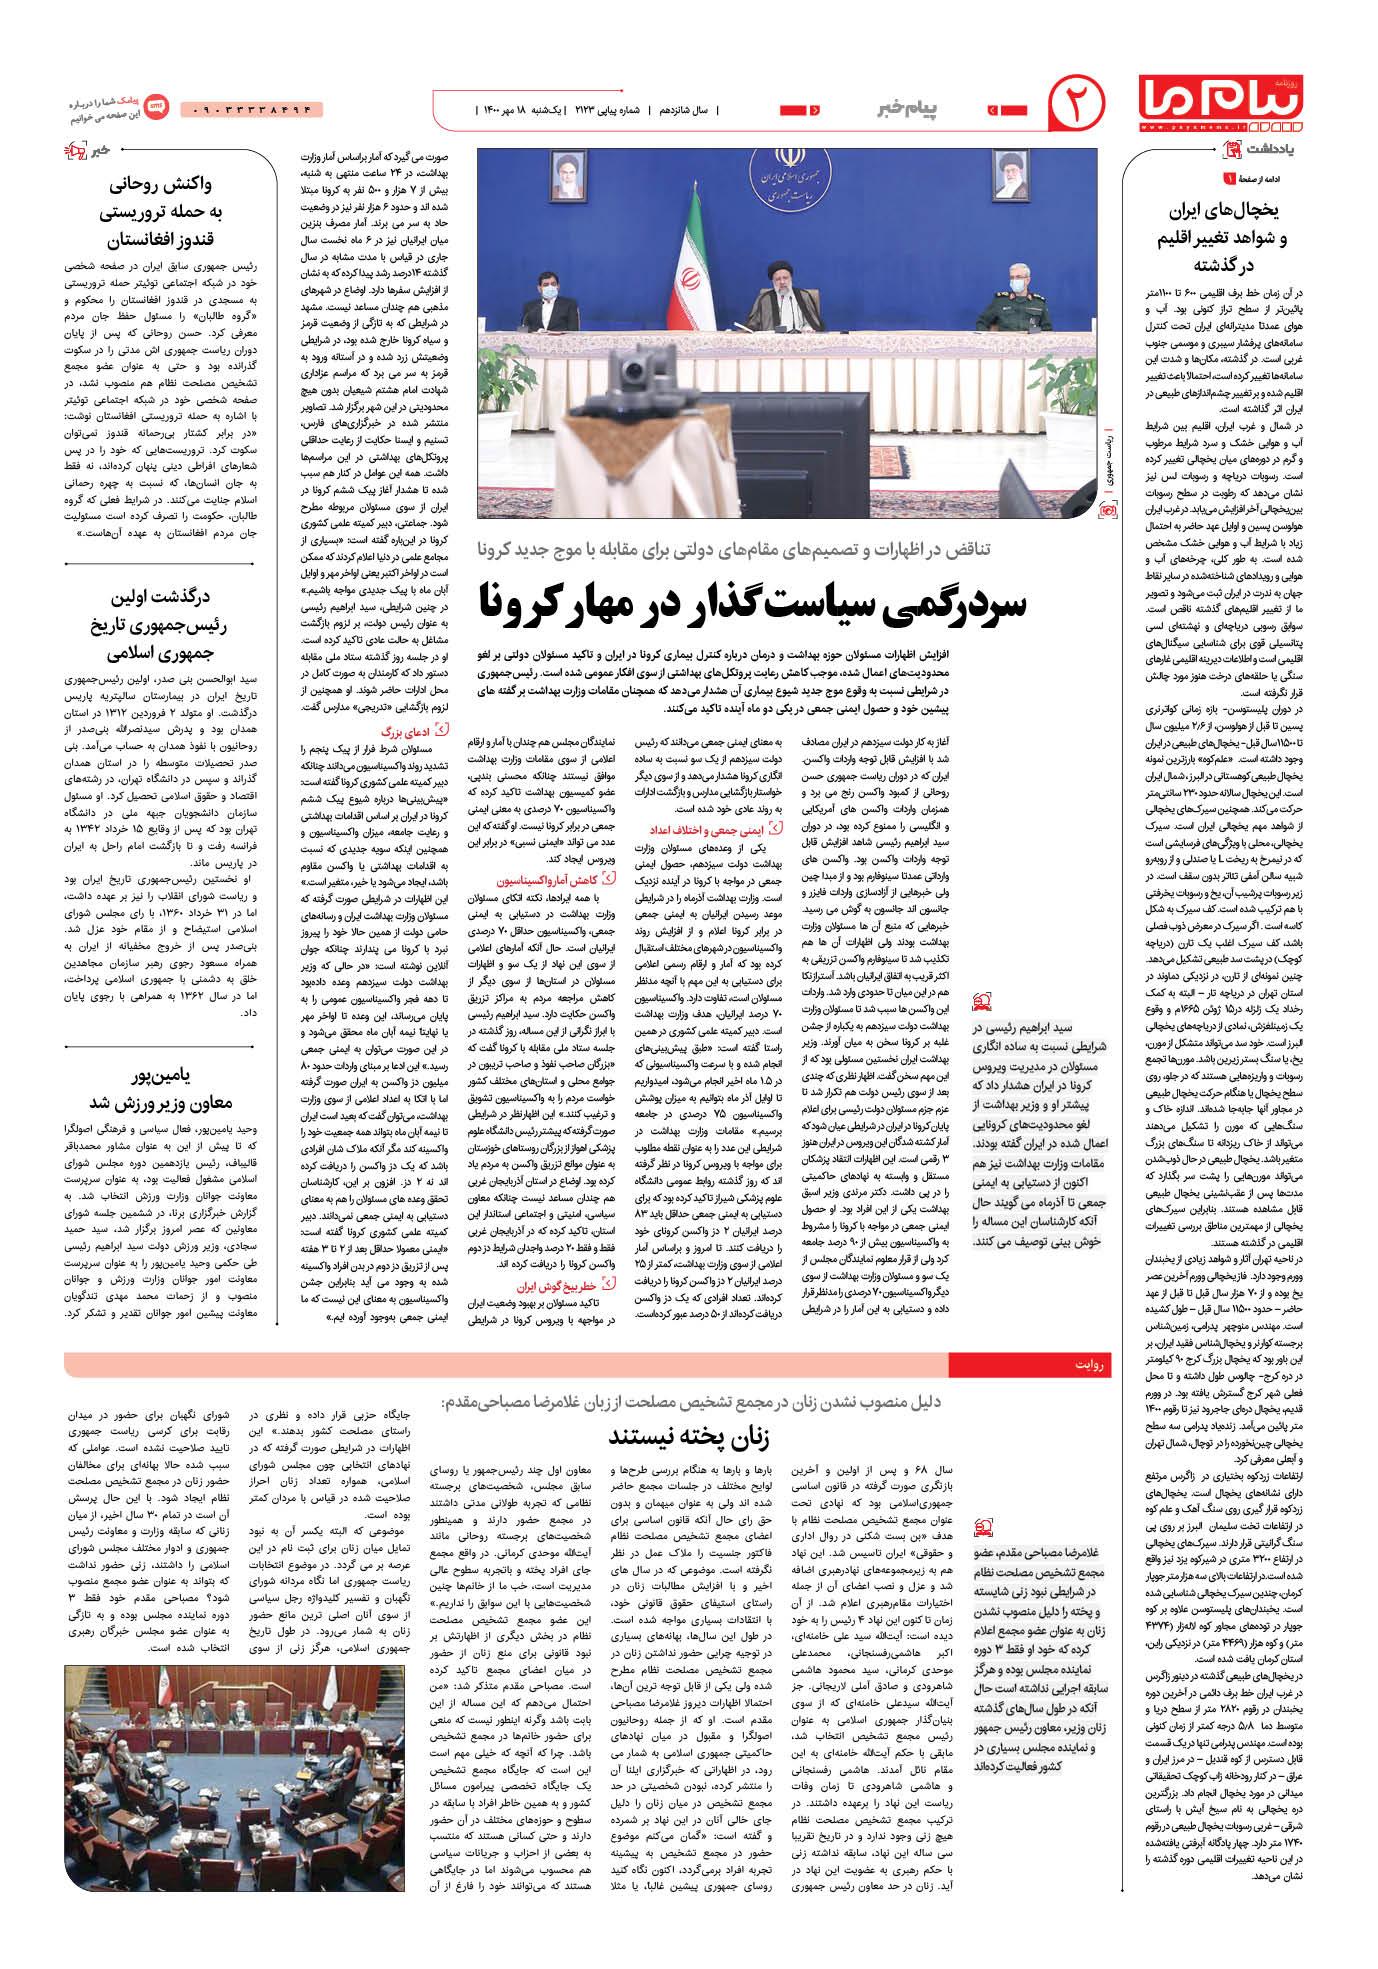 صفحه پیام خبر شماره 2123 روزنامه پیام ما